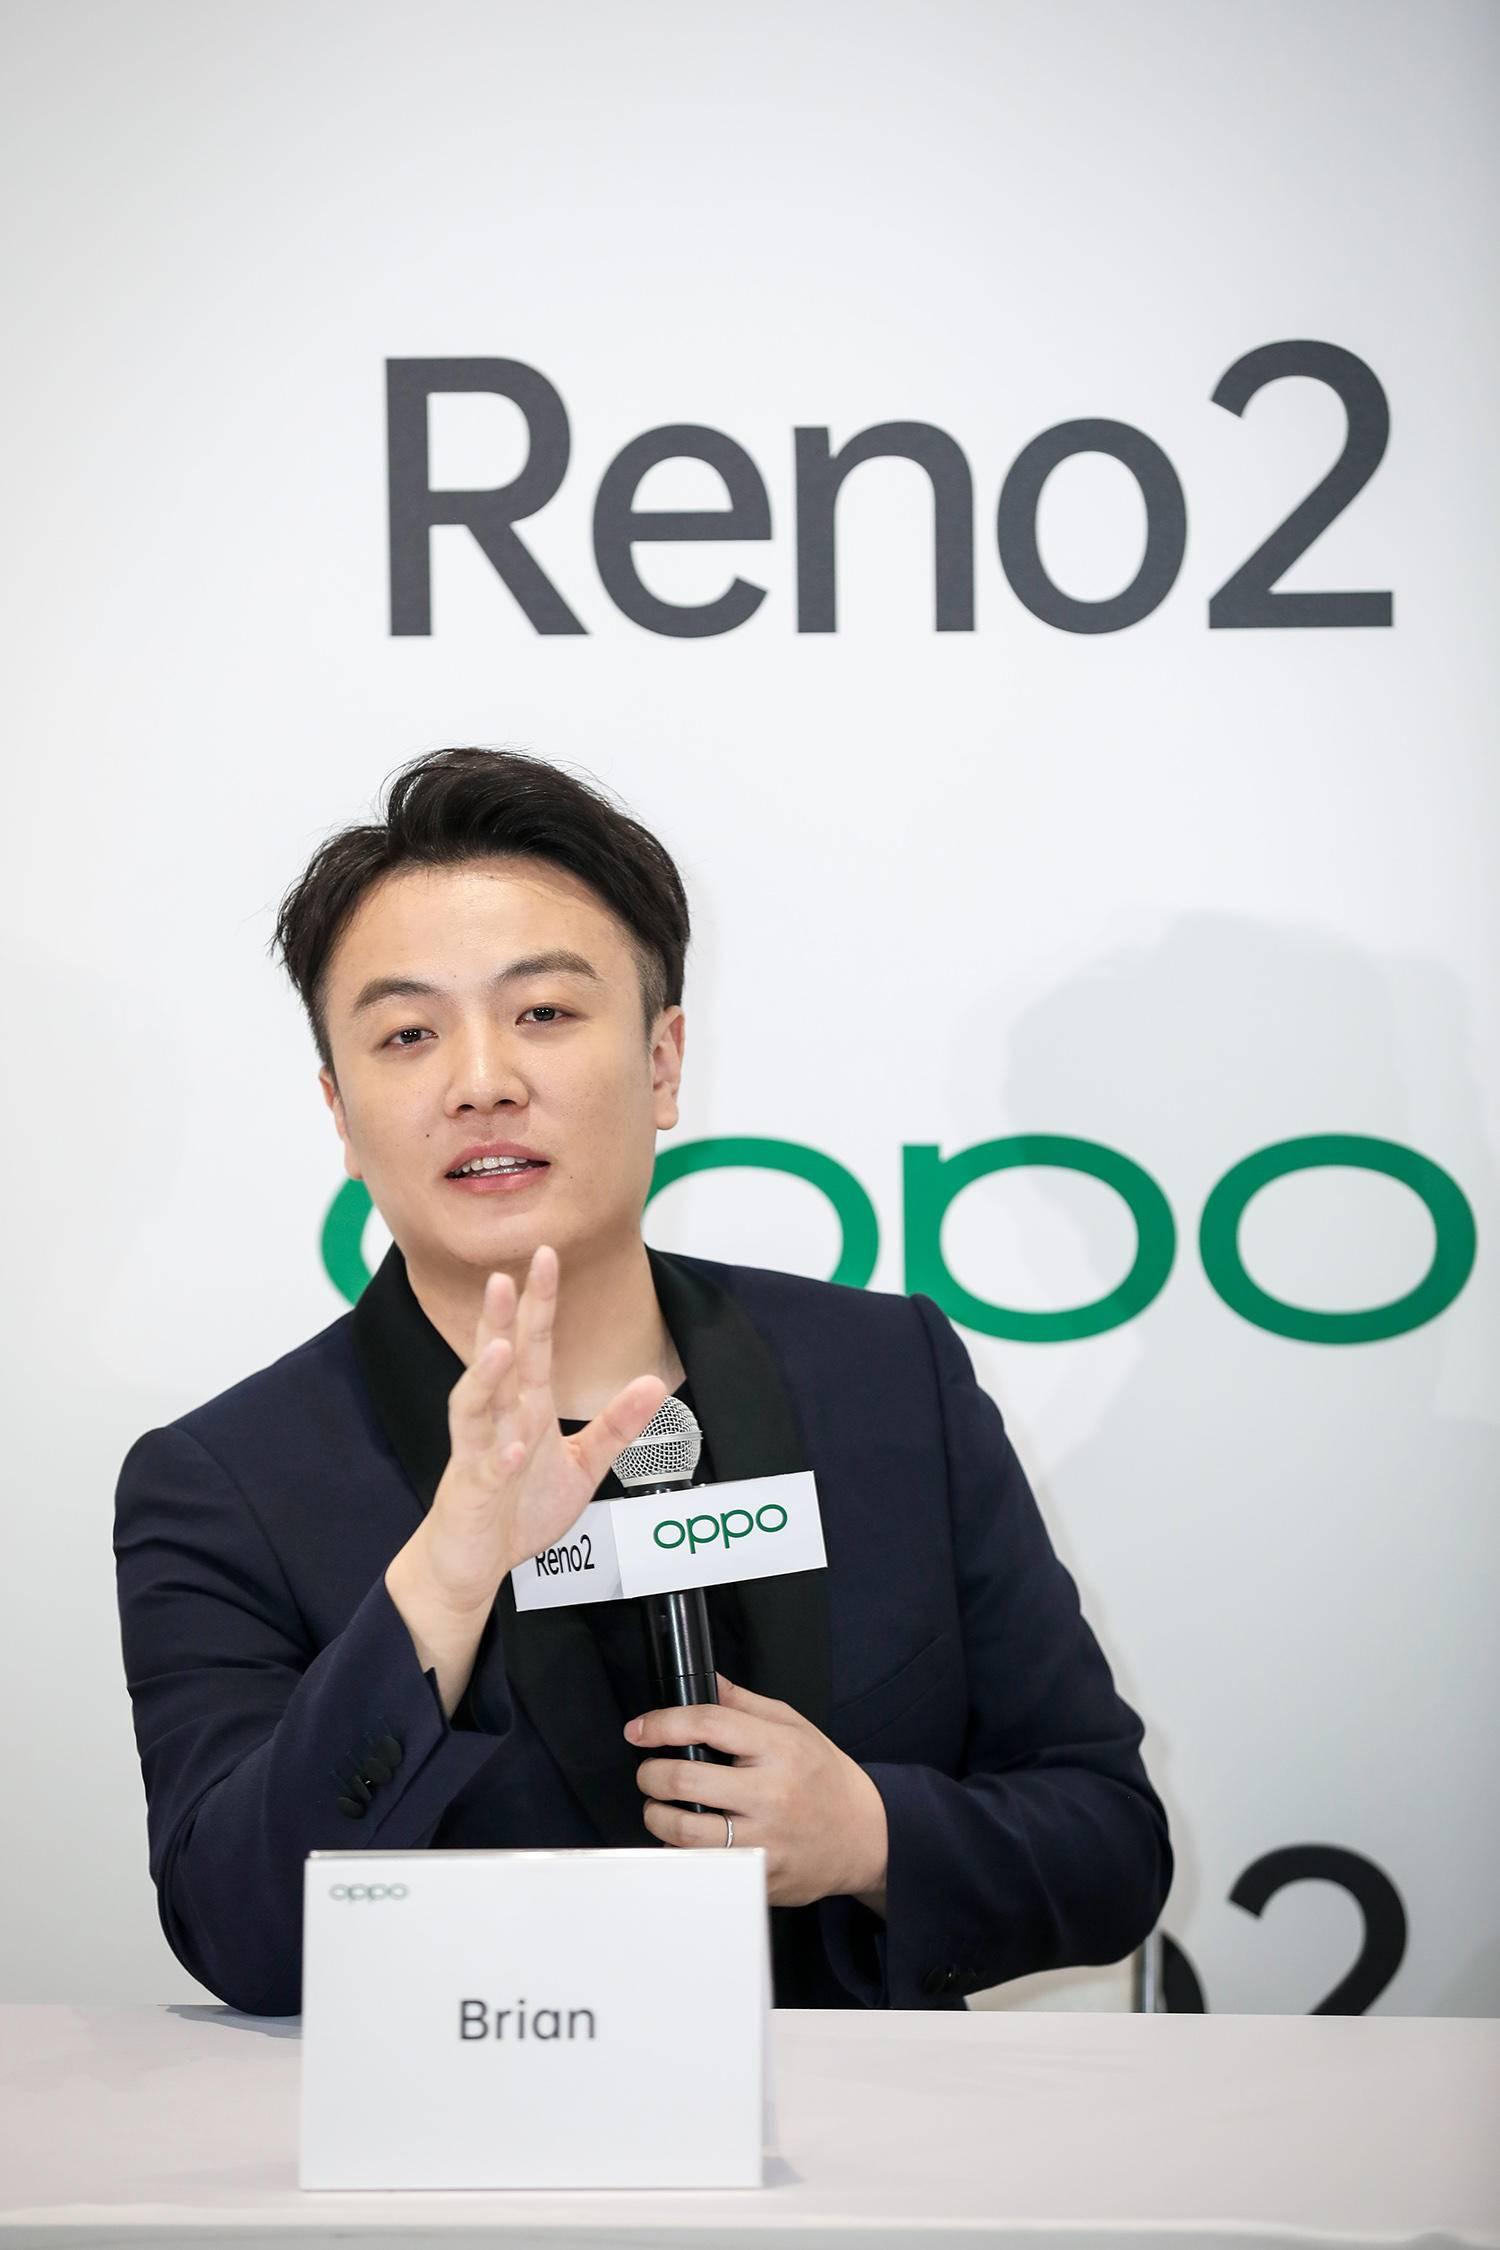 推Reno2抢占视频手机风口 OPPO副总裁详解如何下好全球一盘棋